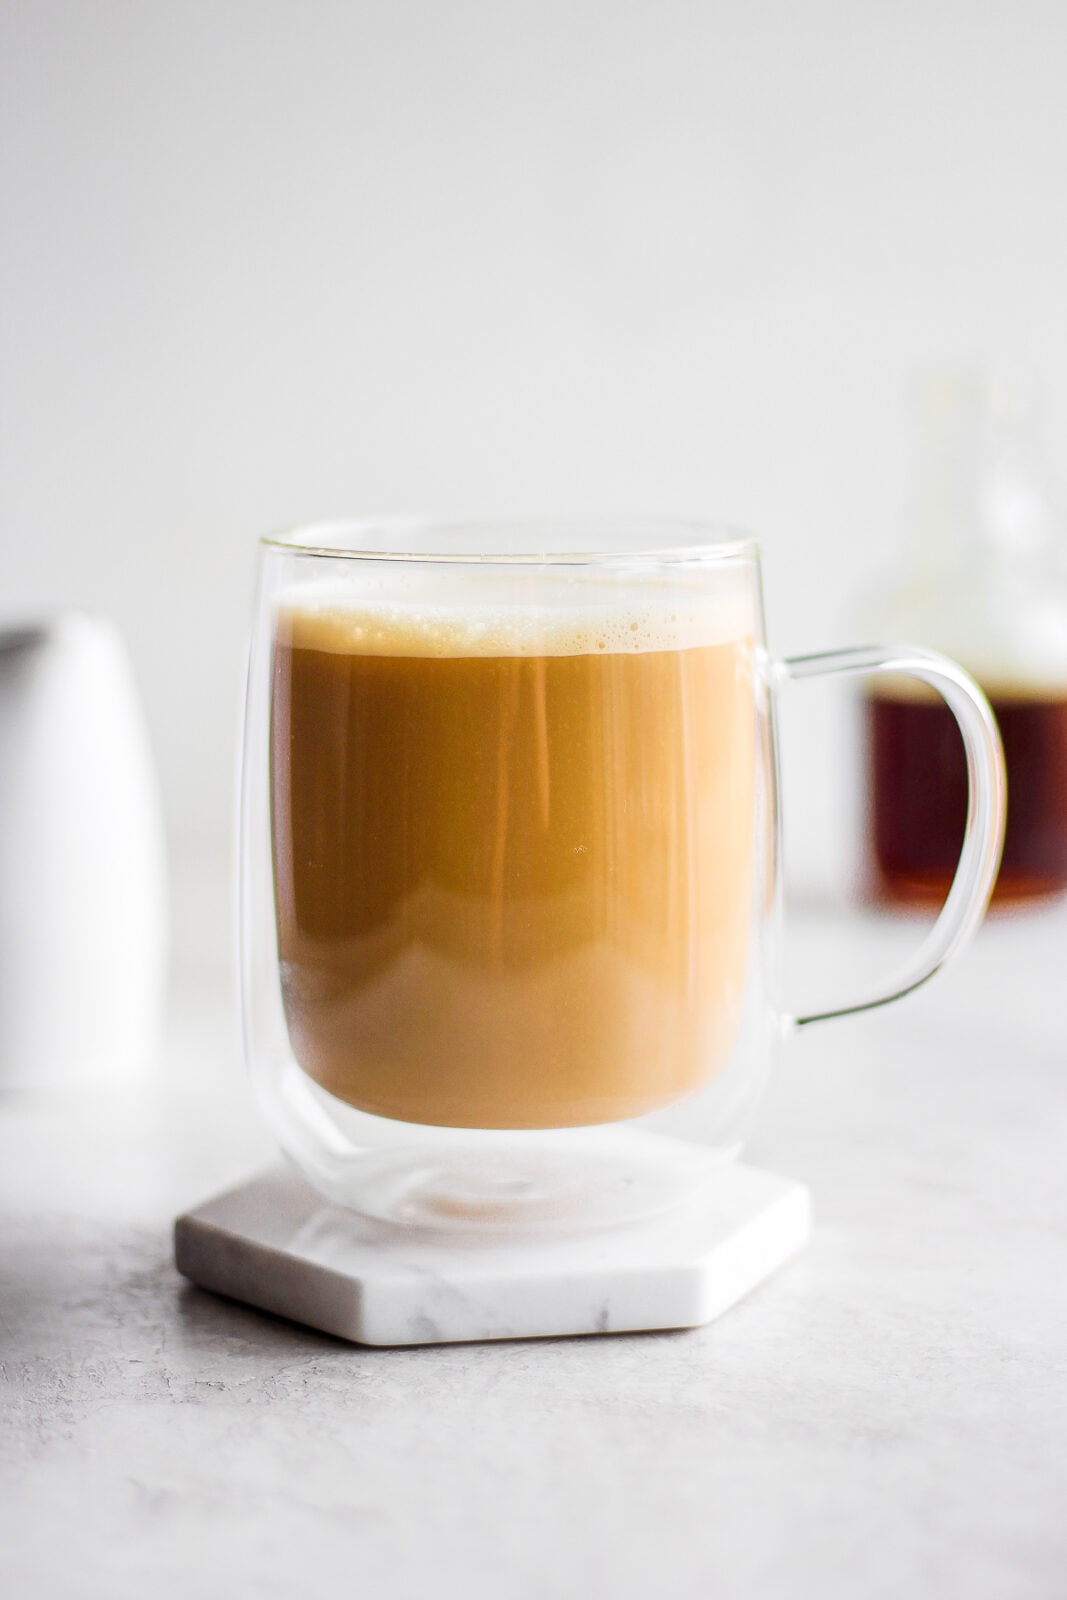 Creamy Maple Oat Milk Latte - a simple, sweet morning treat! (Vegan + Dairy-Free) #oatmilk #oatmilkrecipes #coldbrewrecipes #veganrecipes #breakfast #maplesyrup #mapleoatlatte #latte